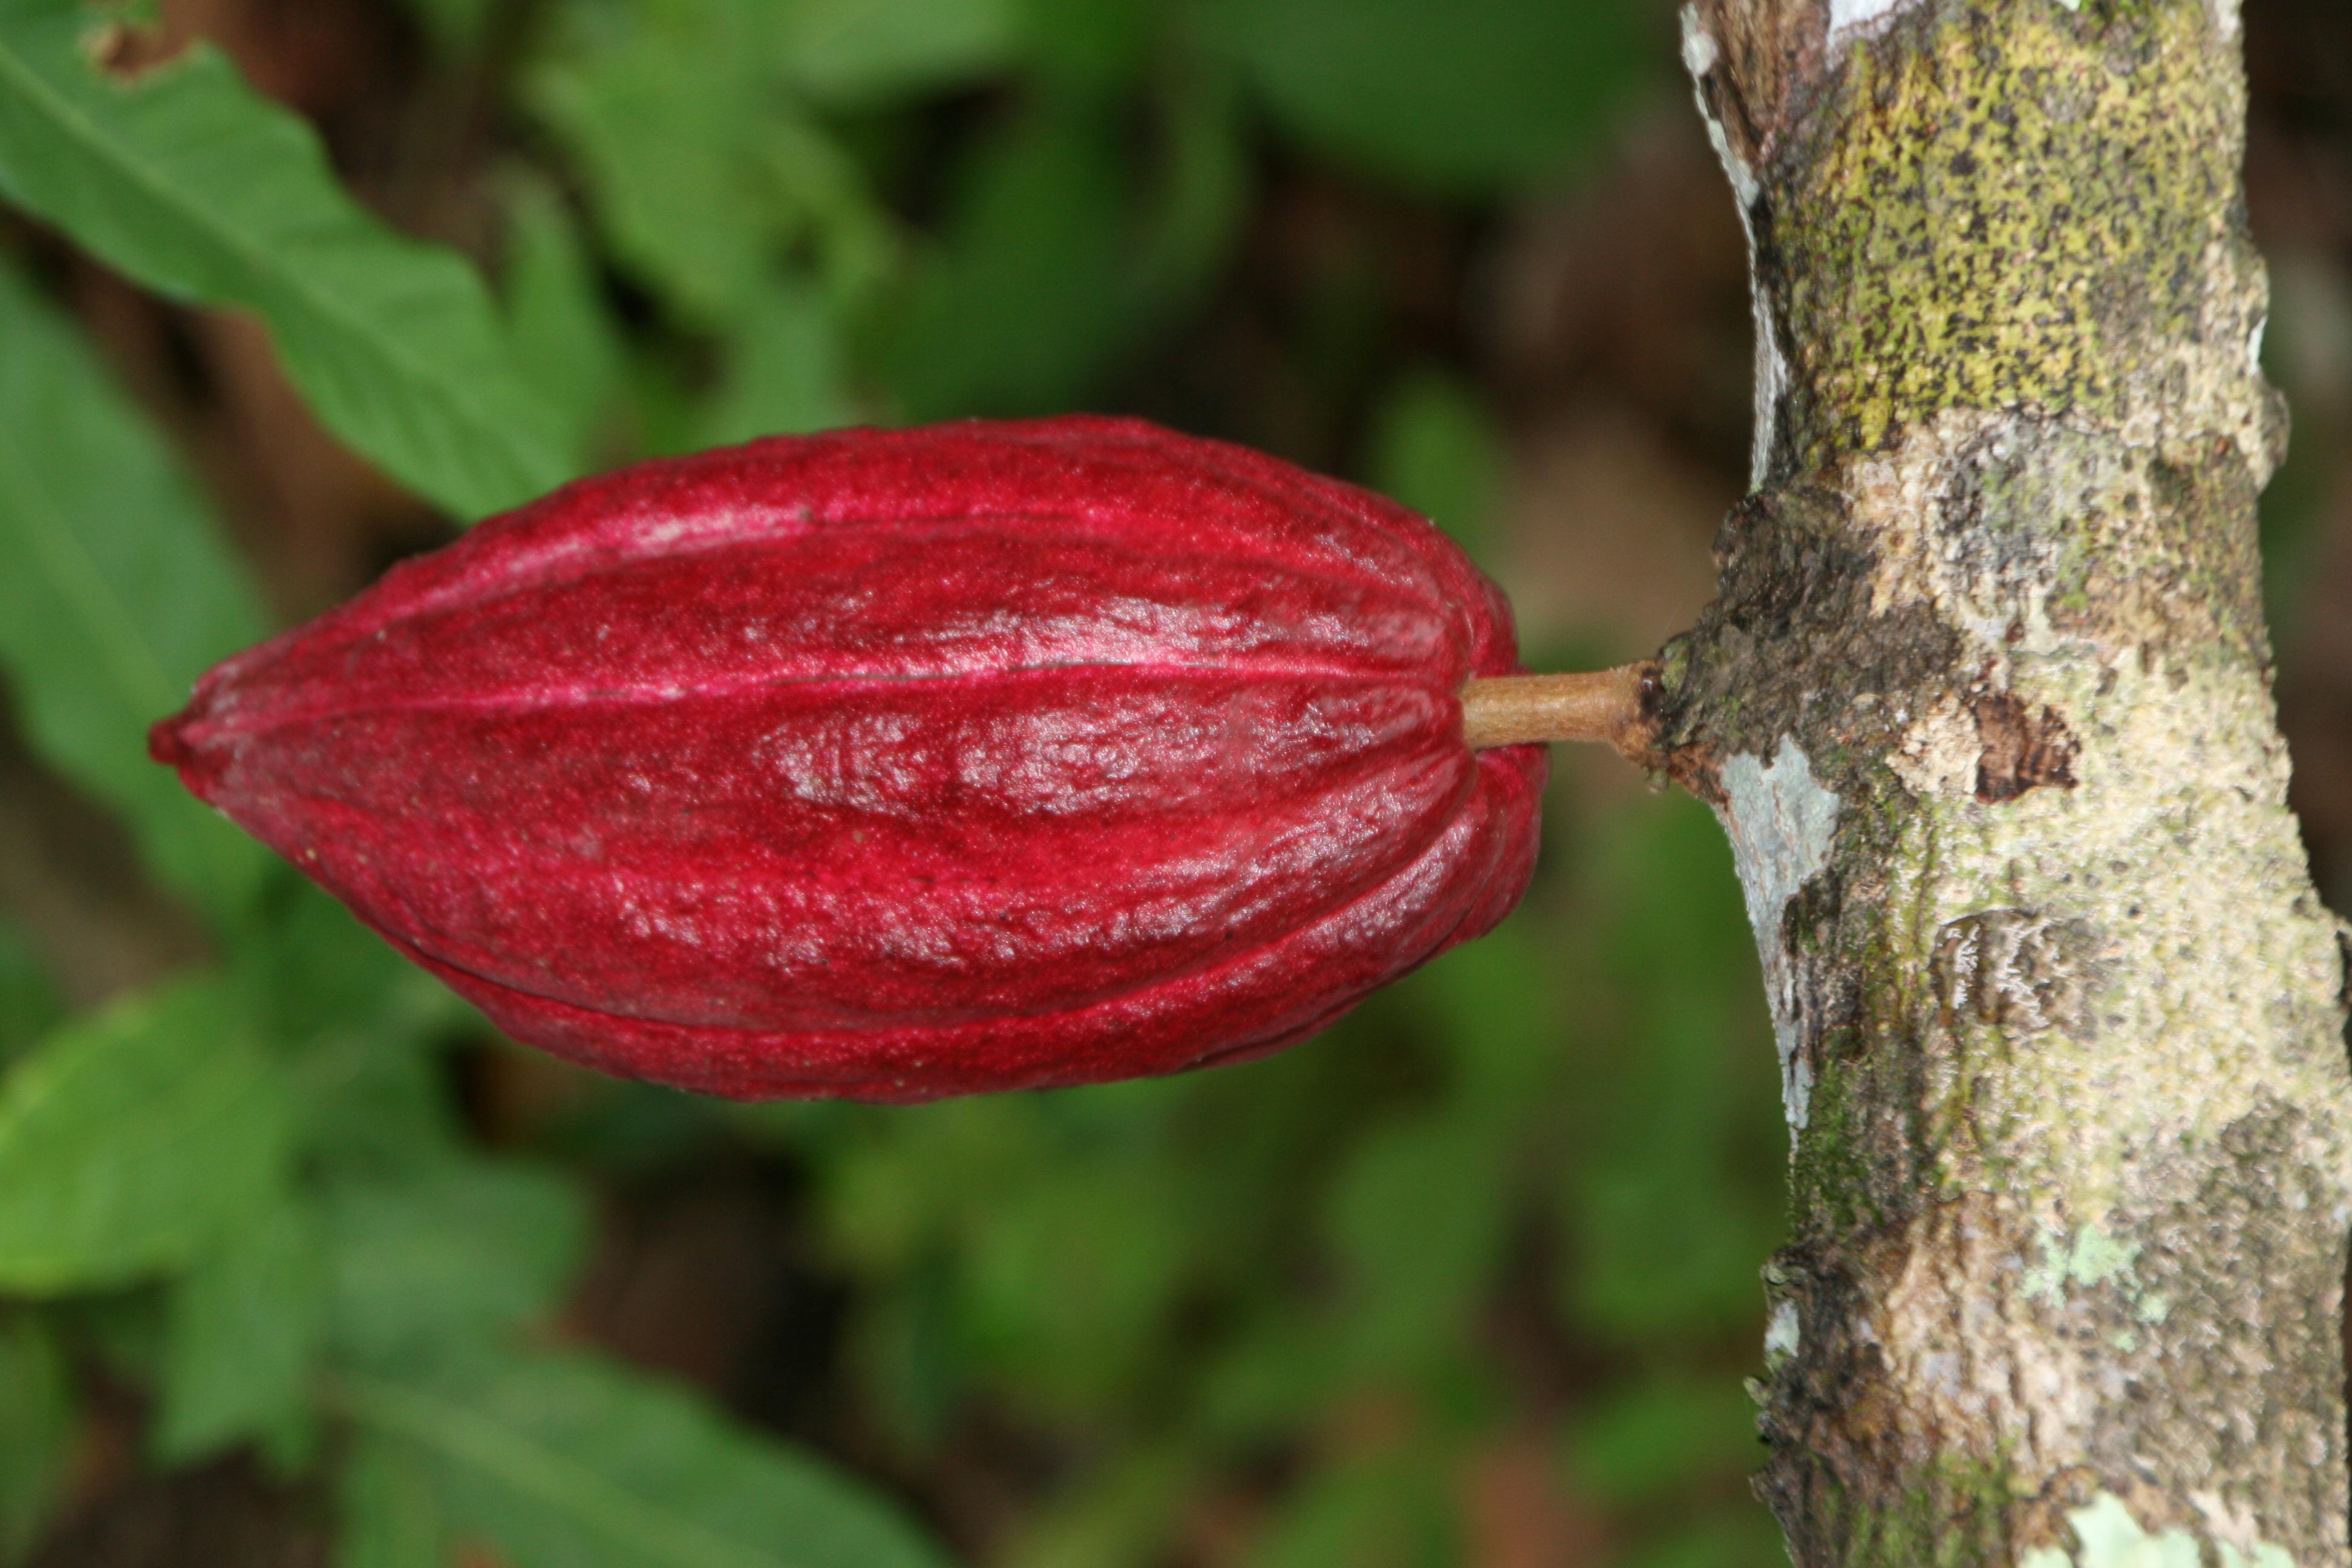 Bei Bluthochdruck Kakaobohnen als Antioxidant